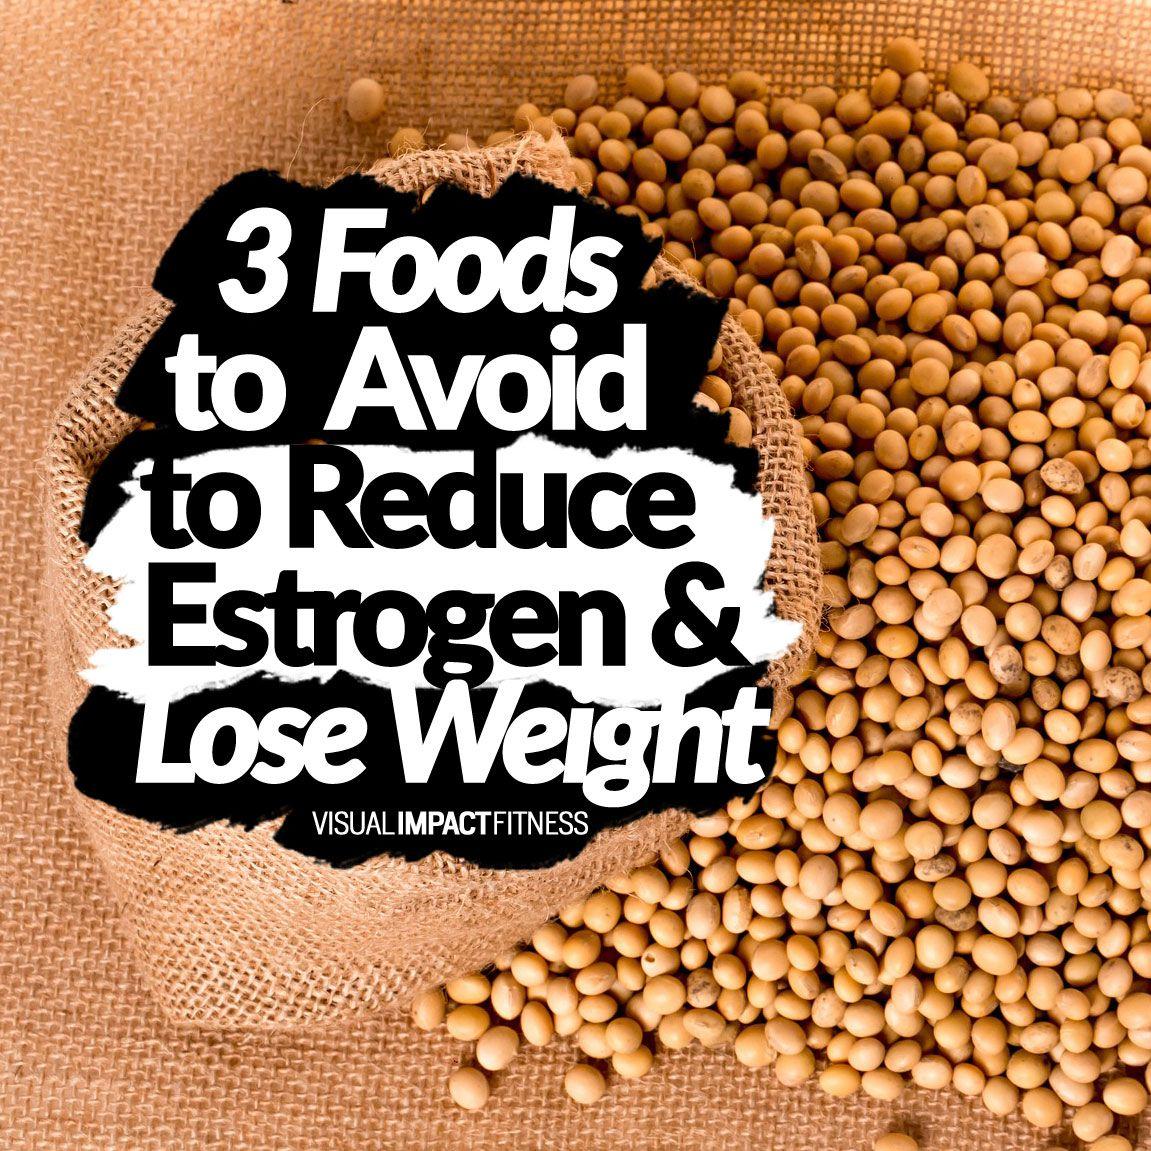 estrogen foods to avoid for females